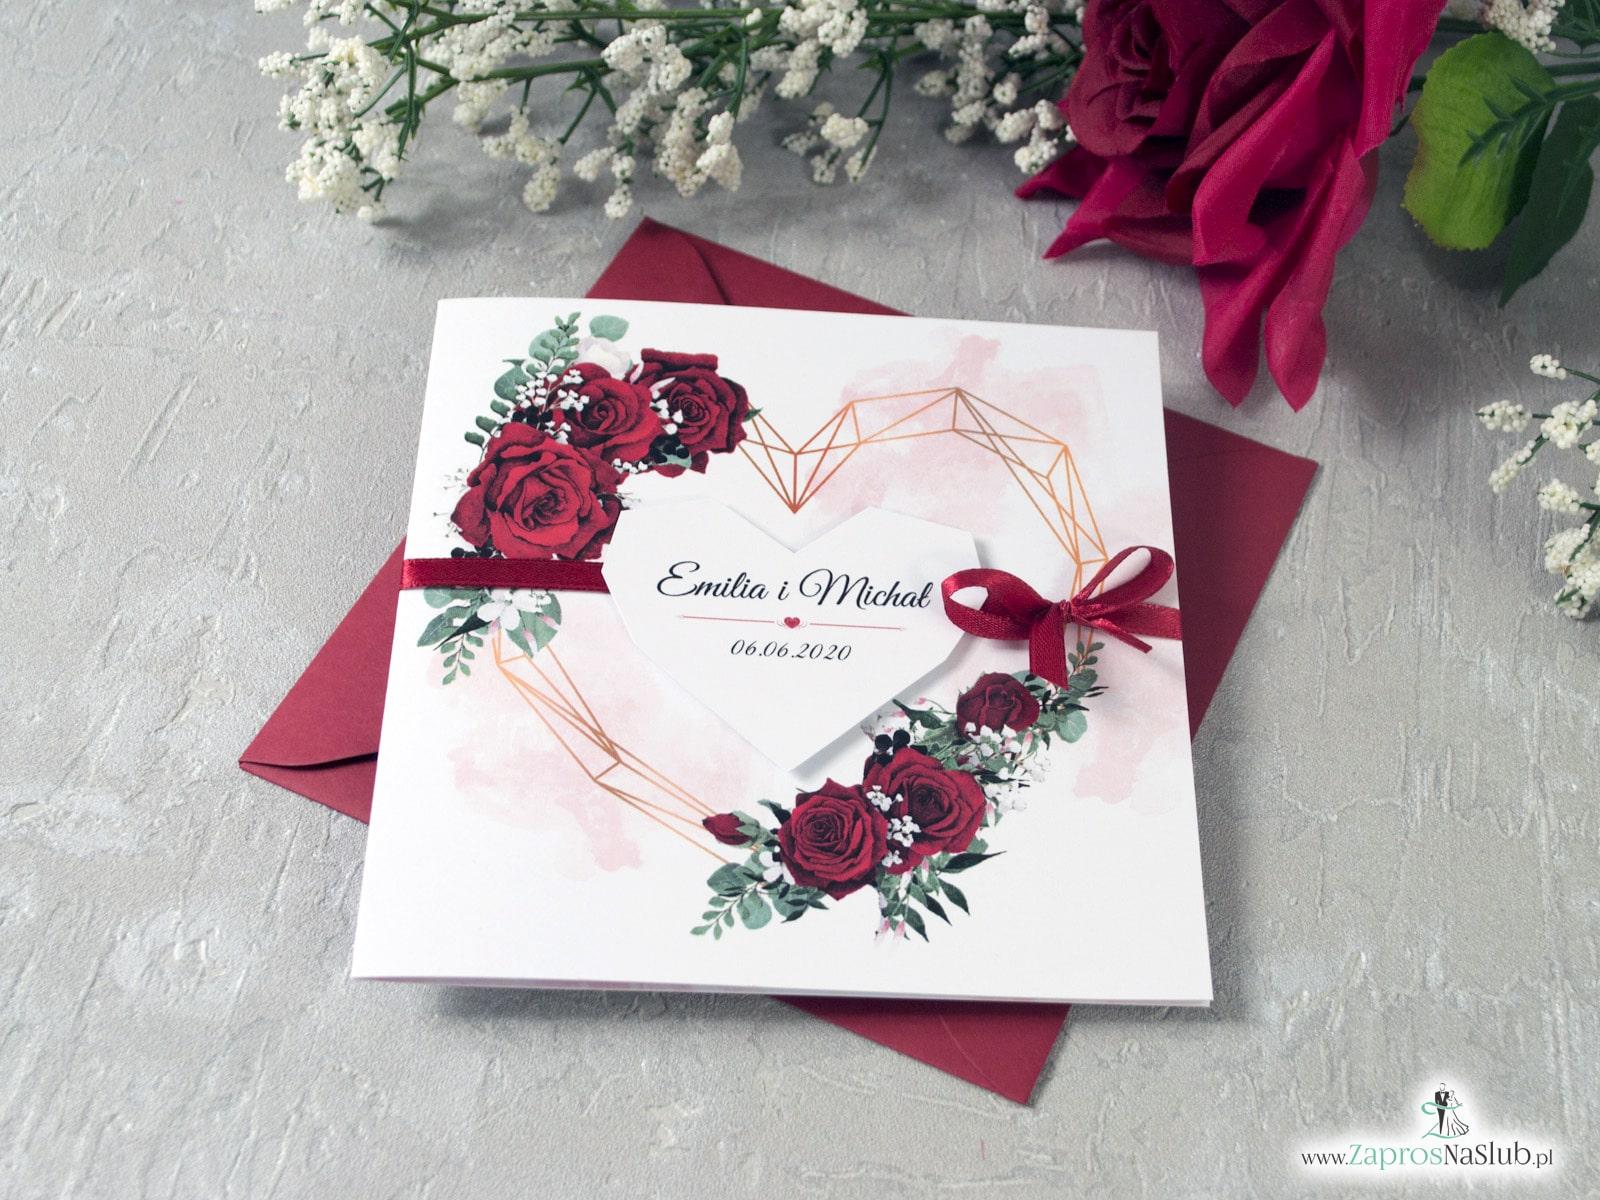 ELEGANCKIE ZAPROSZENIA ŚLUBNE Z CZERWONYMI RÓŻAMI I GEOMETRYCZNYM SERCEM. ZAP-41-09 - Zaproszenia ślubne ZaprosNaSlub